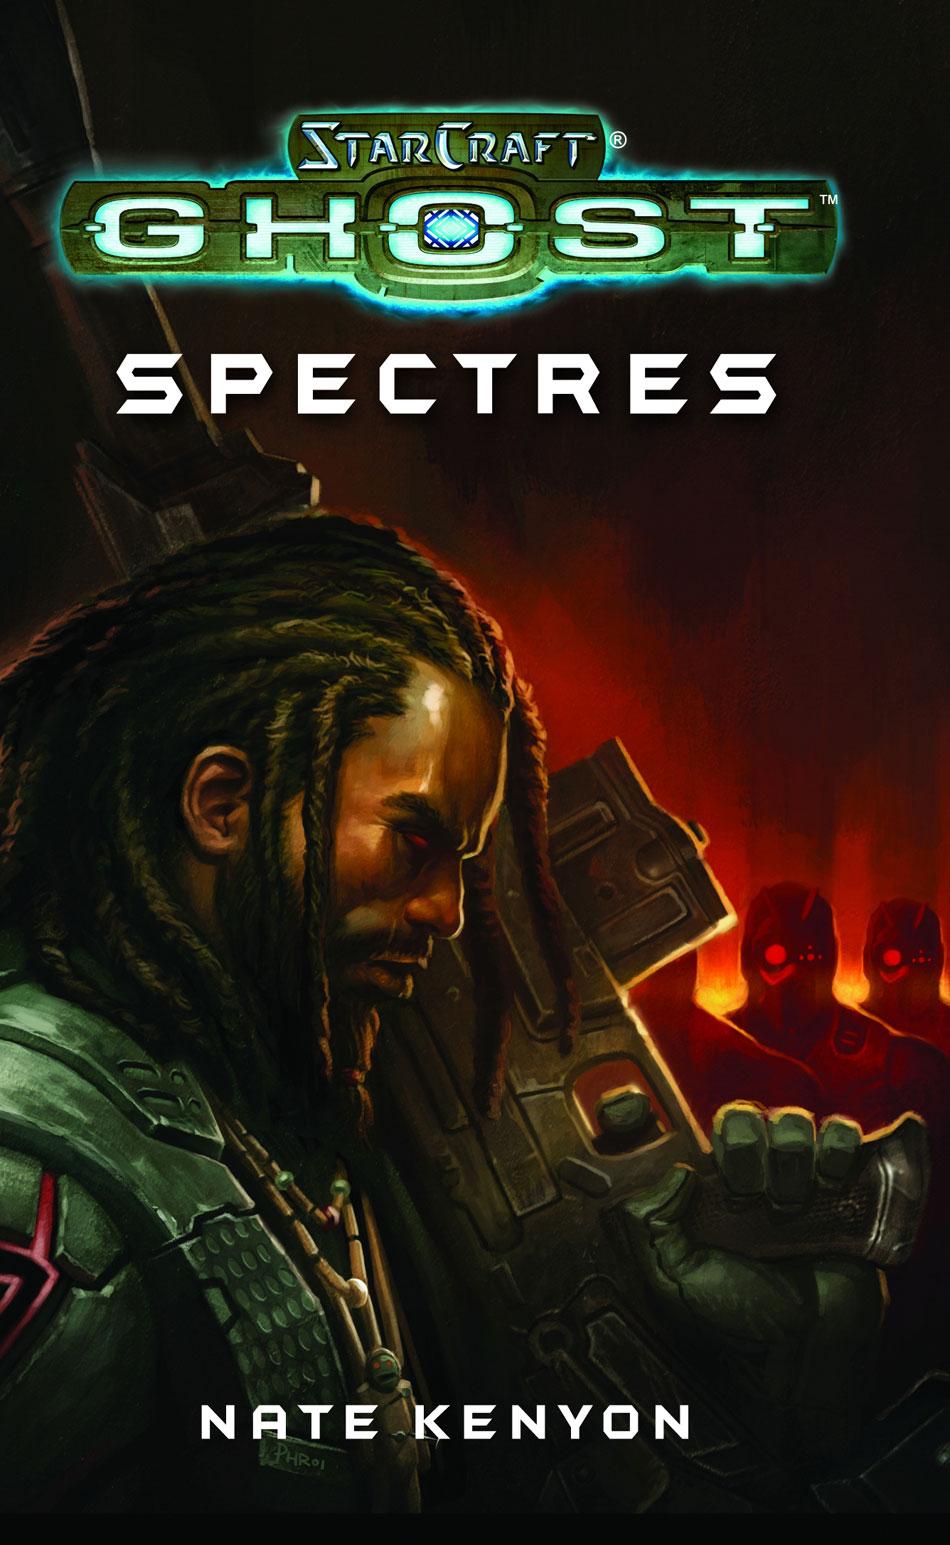 Couverture du roman StarCraft Ghost: Spectres.